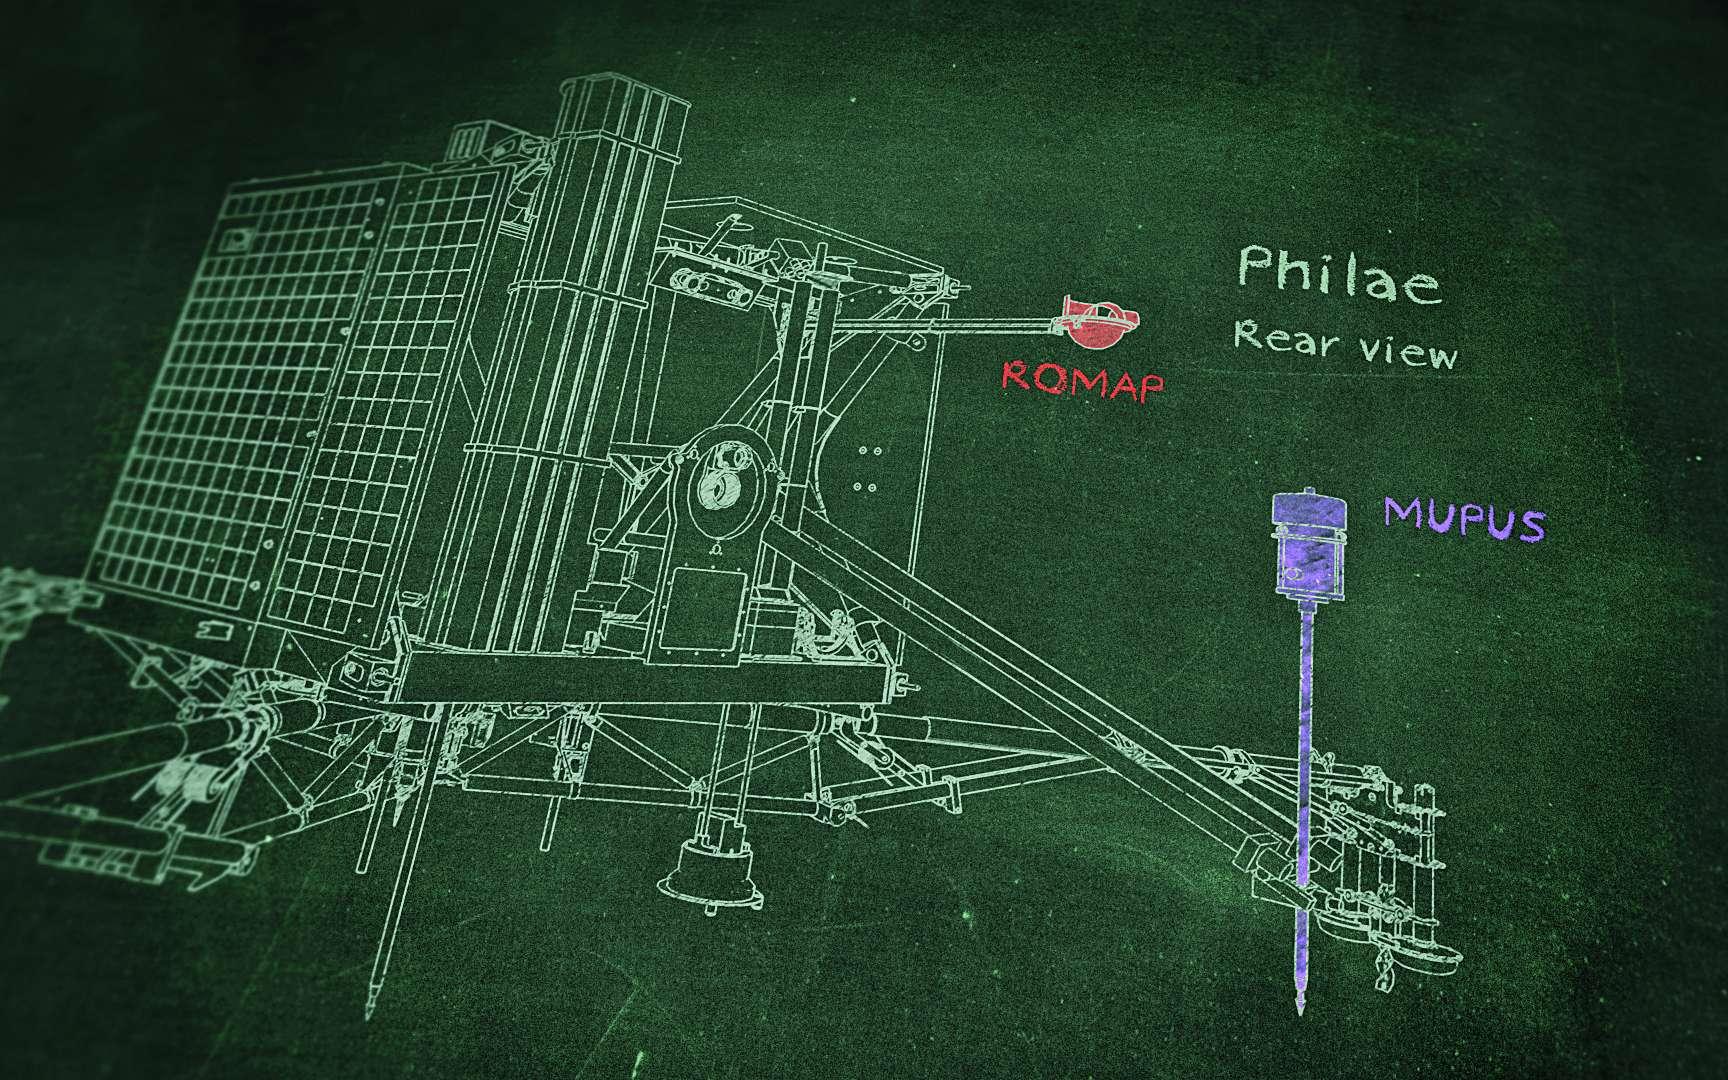 L'instrument Mupus (Multi-Purpose Sensors for Surface and Sub-Surface Science), sur Philae, a tapoté le sol de la comète pour y faire pénétrer le pointeau. Malgré une augmentation graduelle de la puissance des coups, la pointe ne s'est que faiblement enfoncée. Conclusion : à cet endroit, le sol est dur. Mupus a également mesuré les températures autour de lui. Romap (Rosetta Magnetometer and Plasmamonitor) est un magnétomètre qui a pu mesurer les variations du champ magnétique lors de la descente. Un instrument semblable (RPC) l'avait fait depuis Rosetta, avec à la clé la découverte d'une étrange variation de ce champ. Transformée en un son par une équipe allemande de la Technische Universität Braunschweig, elle a donné une mélodie artificielle mais touchante. © DLR